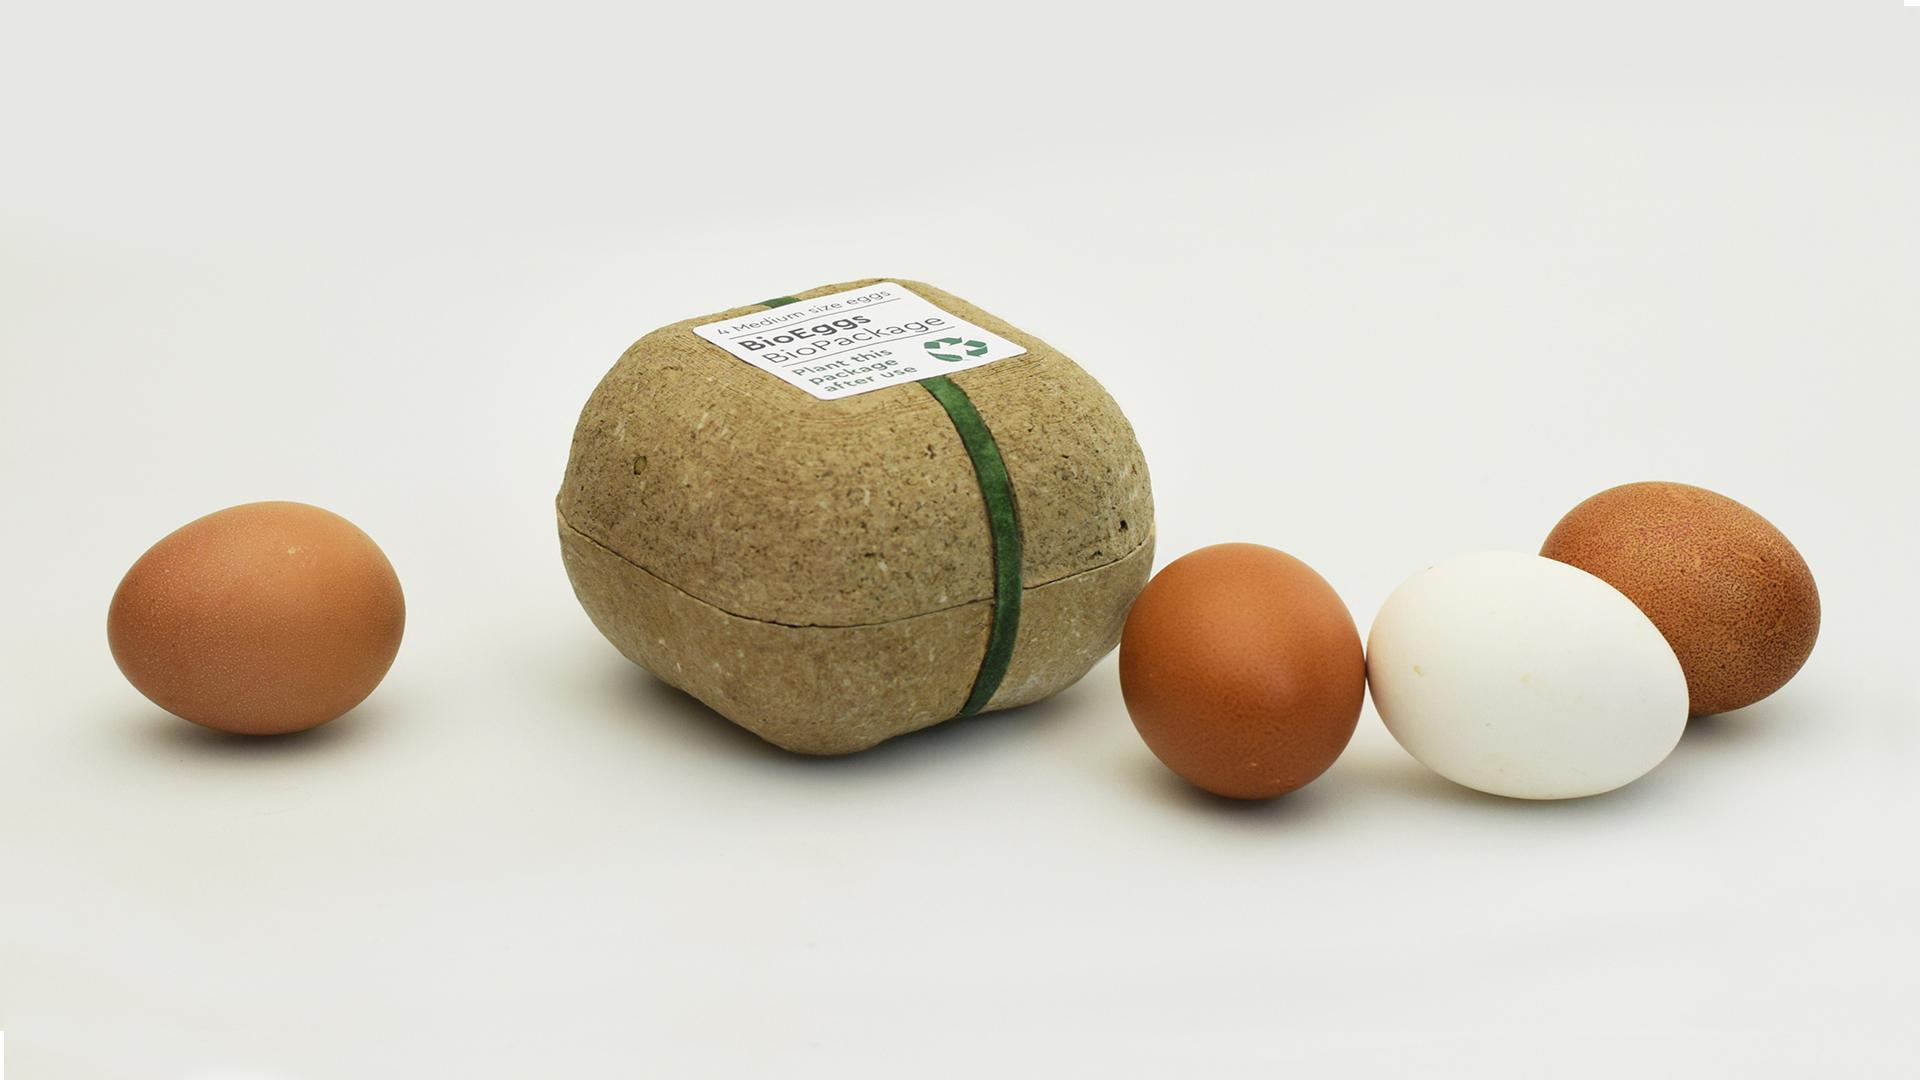 Sicher wäre Biopack auch für andere Produkte geeignet. (Foto: George Bosnas)